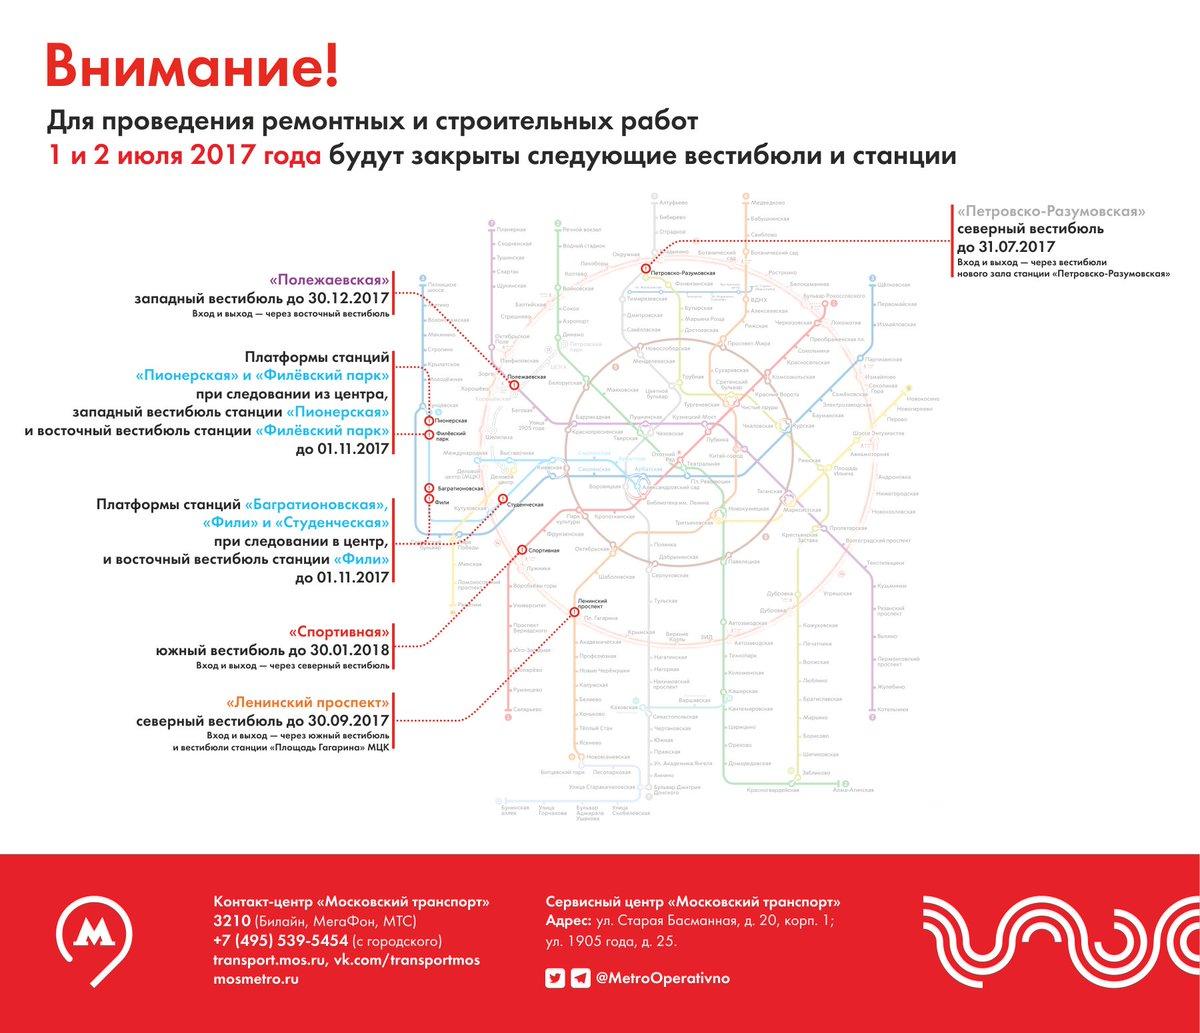 какие станции метро закрыты 12 12 2015 отдельные приложения, различные